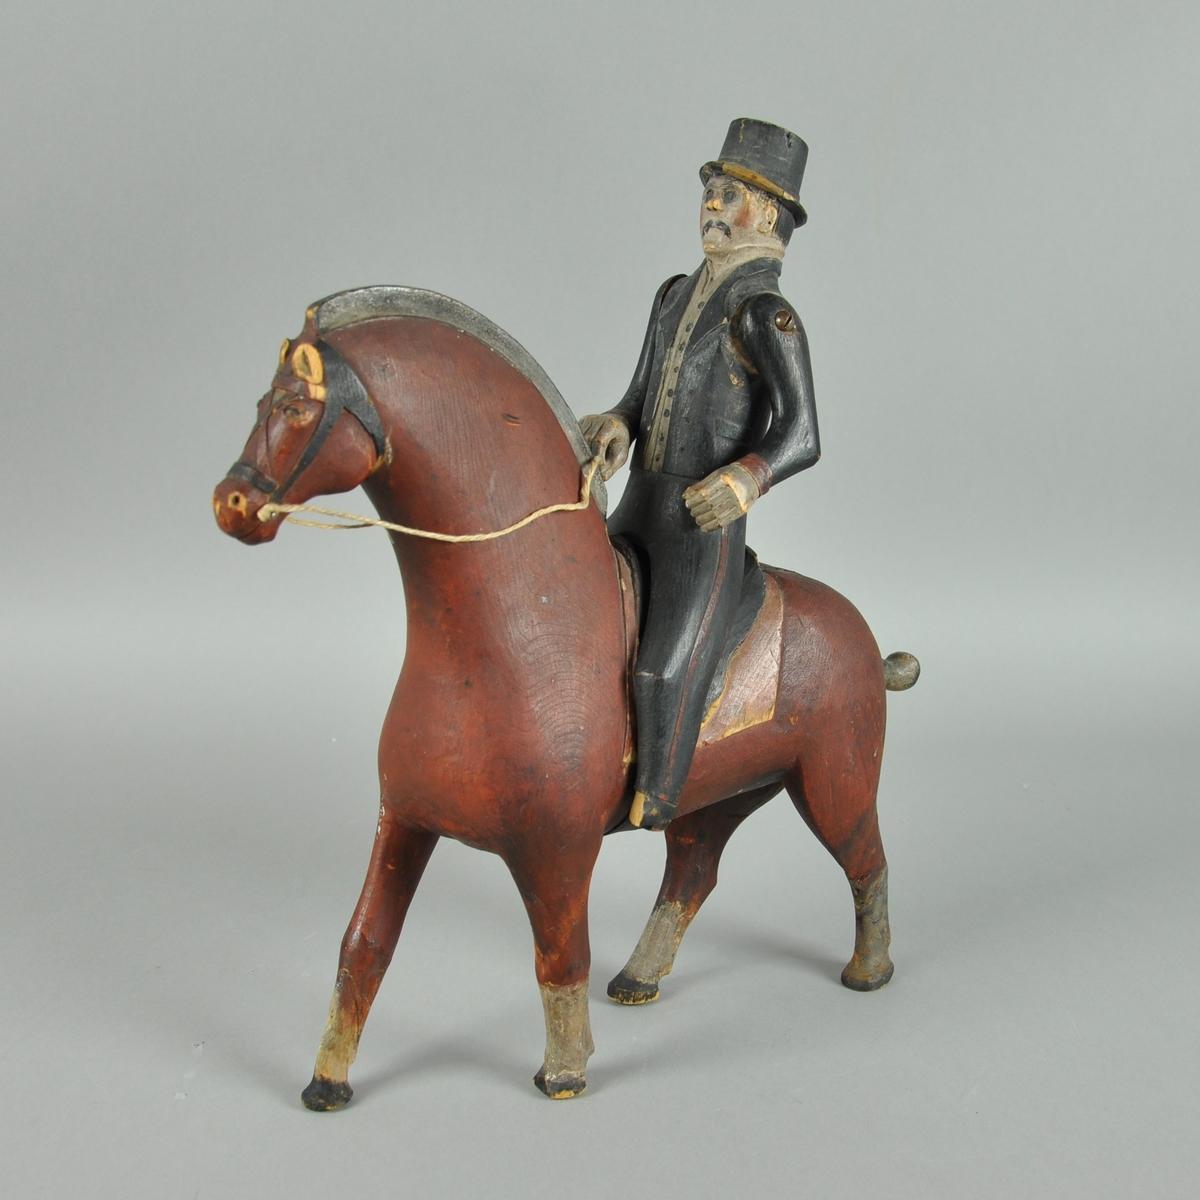 Lekehest med rytter. Hesten er skåret ut av ett trestykke og er malt brun, med svart mal. Rytteren har armer som er skrudd fast og har malte svart klær og hatt.  (Den ene armen er løs, skruen sitter ikke fast).